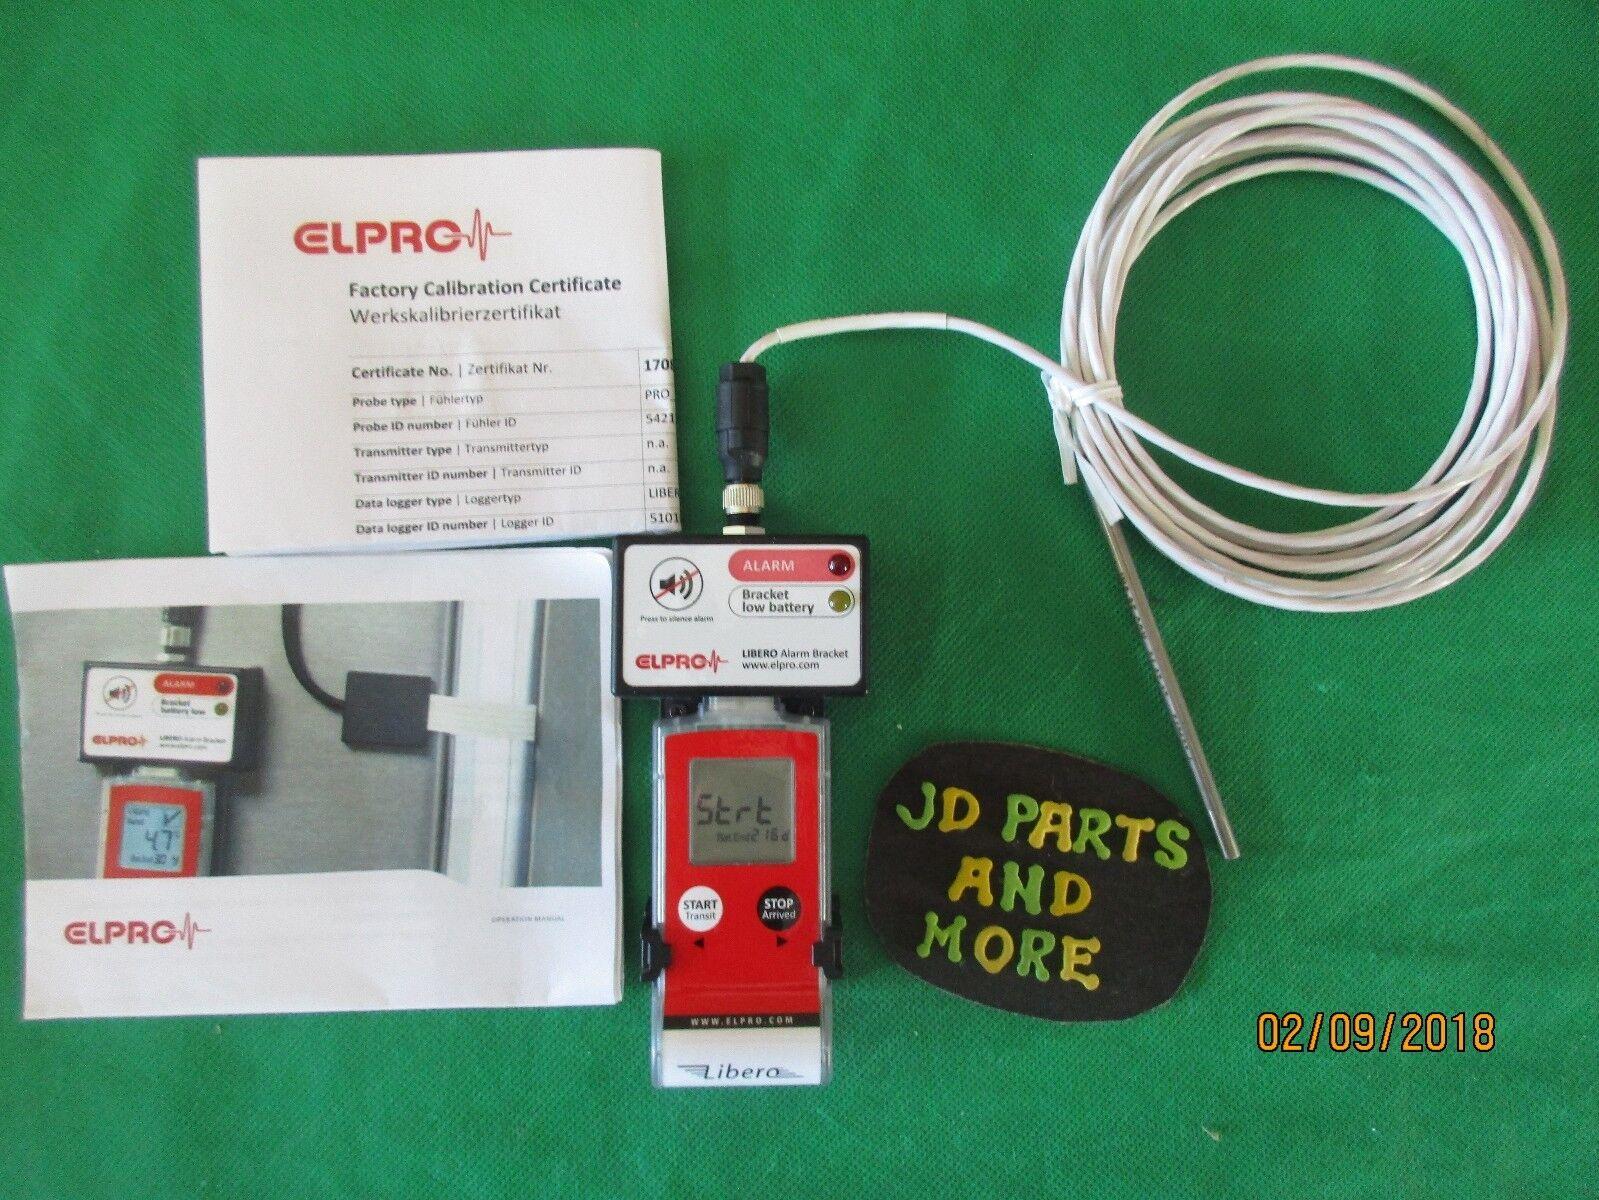 ELPRO LIBERO USB WINDOWS 8 DRIVER DOWNLOAD